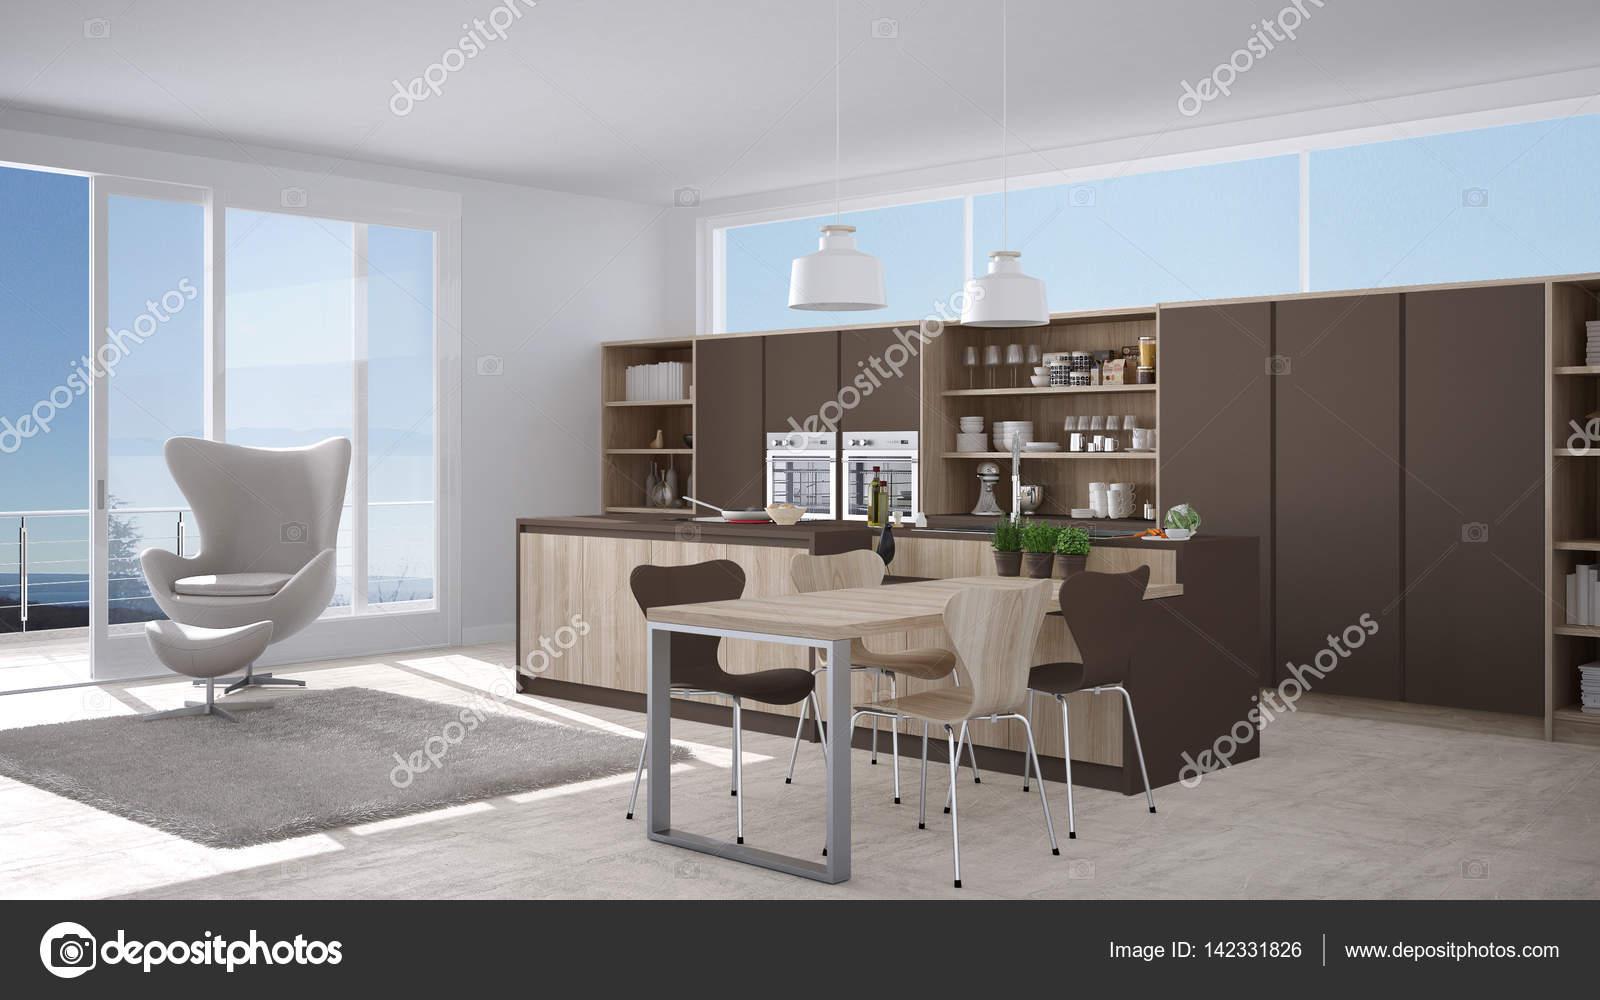 Cucina Moderna Bianca E Marrone.Cucina Moderna Bianca E Marrone Con Dettagli In Legno